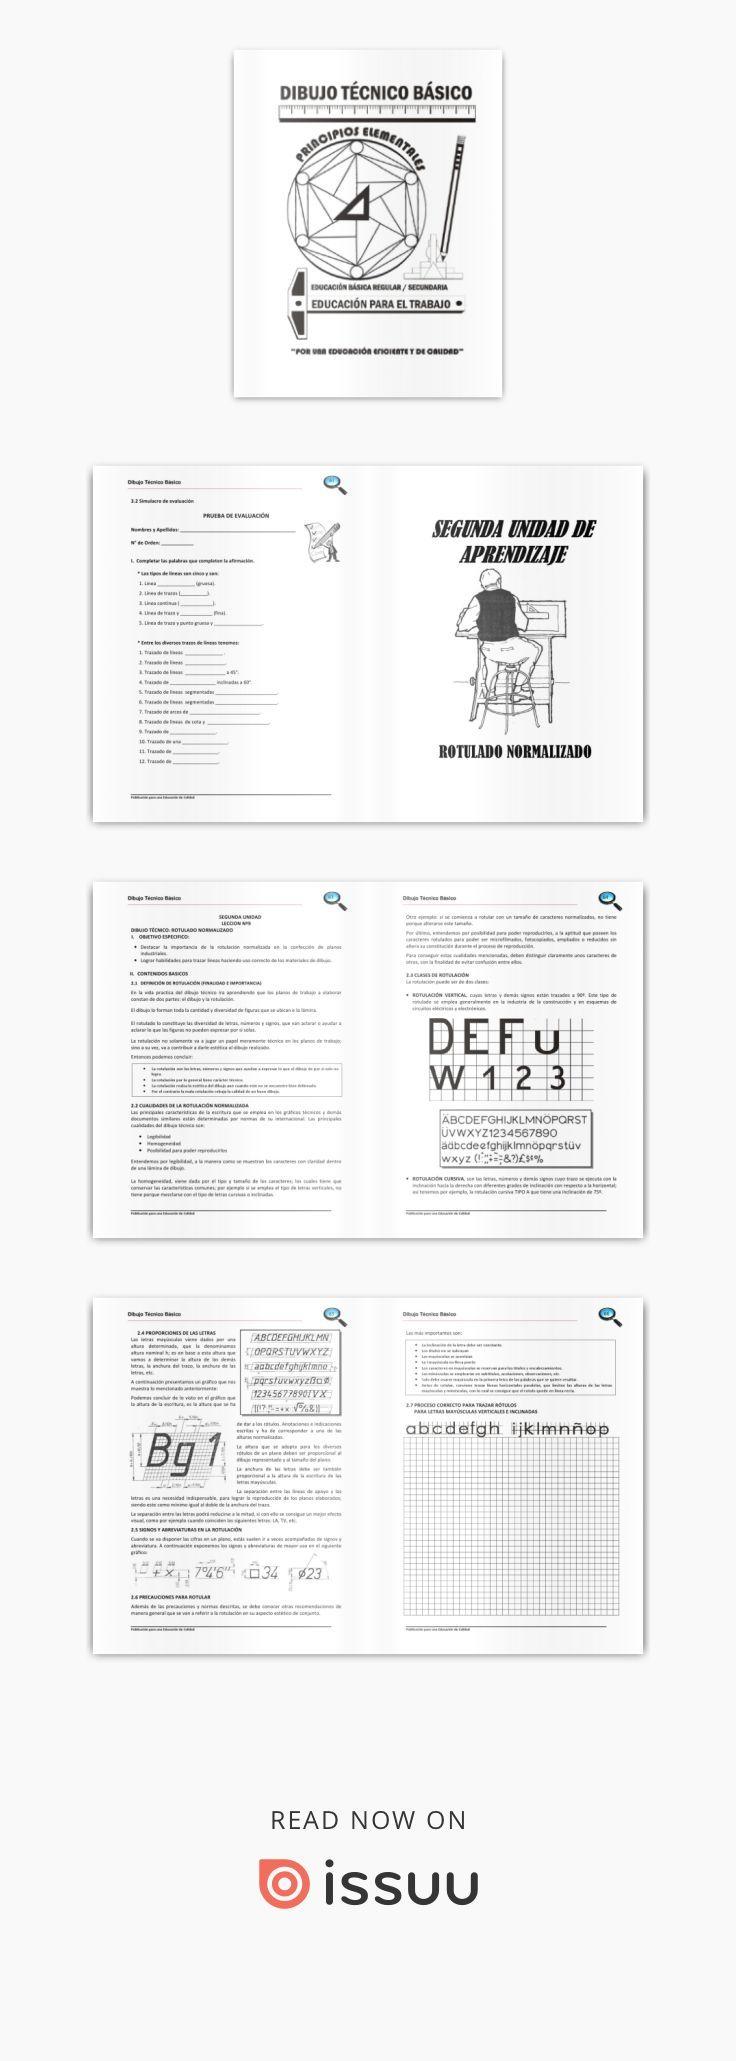 Dibuclic Dibujo Tecnico Basico En 2020 Tecnicas De Dibujo Dibujos Y Dibujo Isometrico